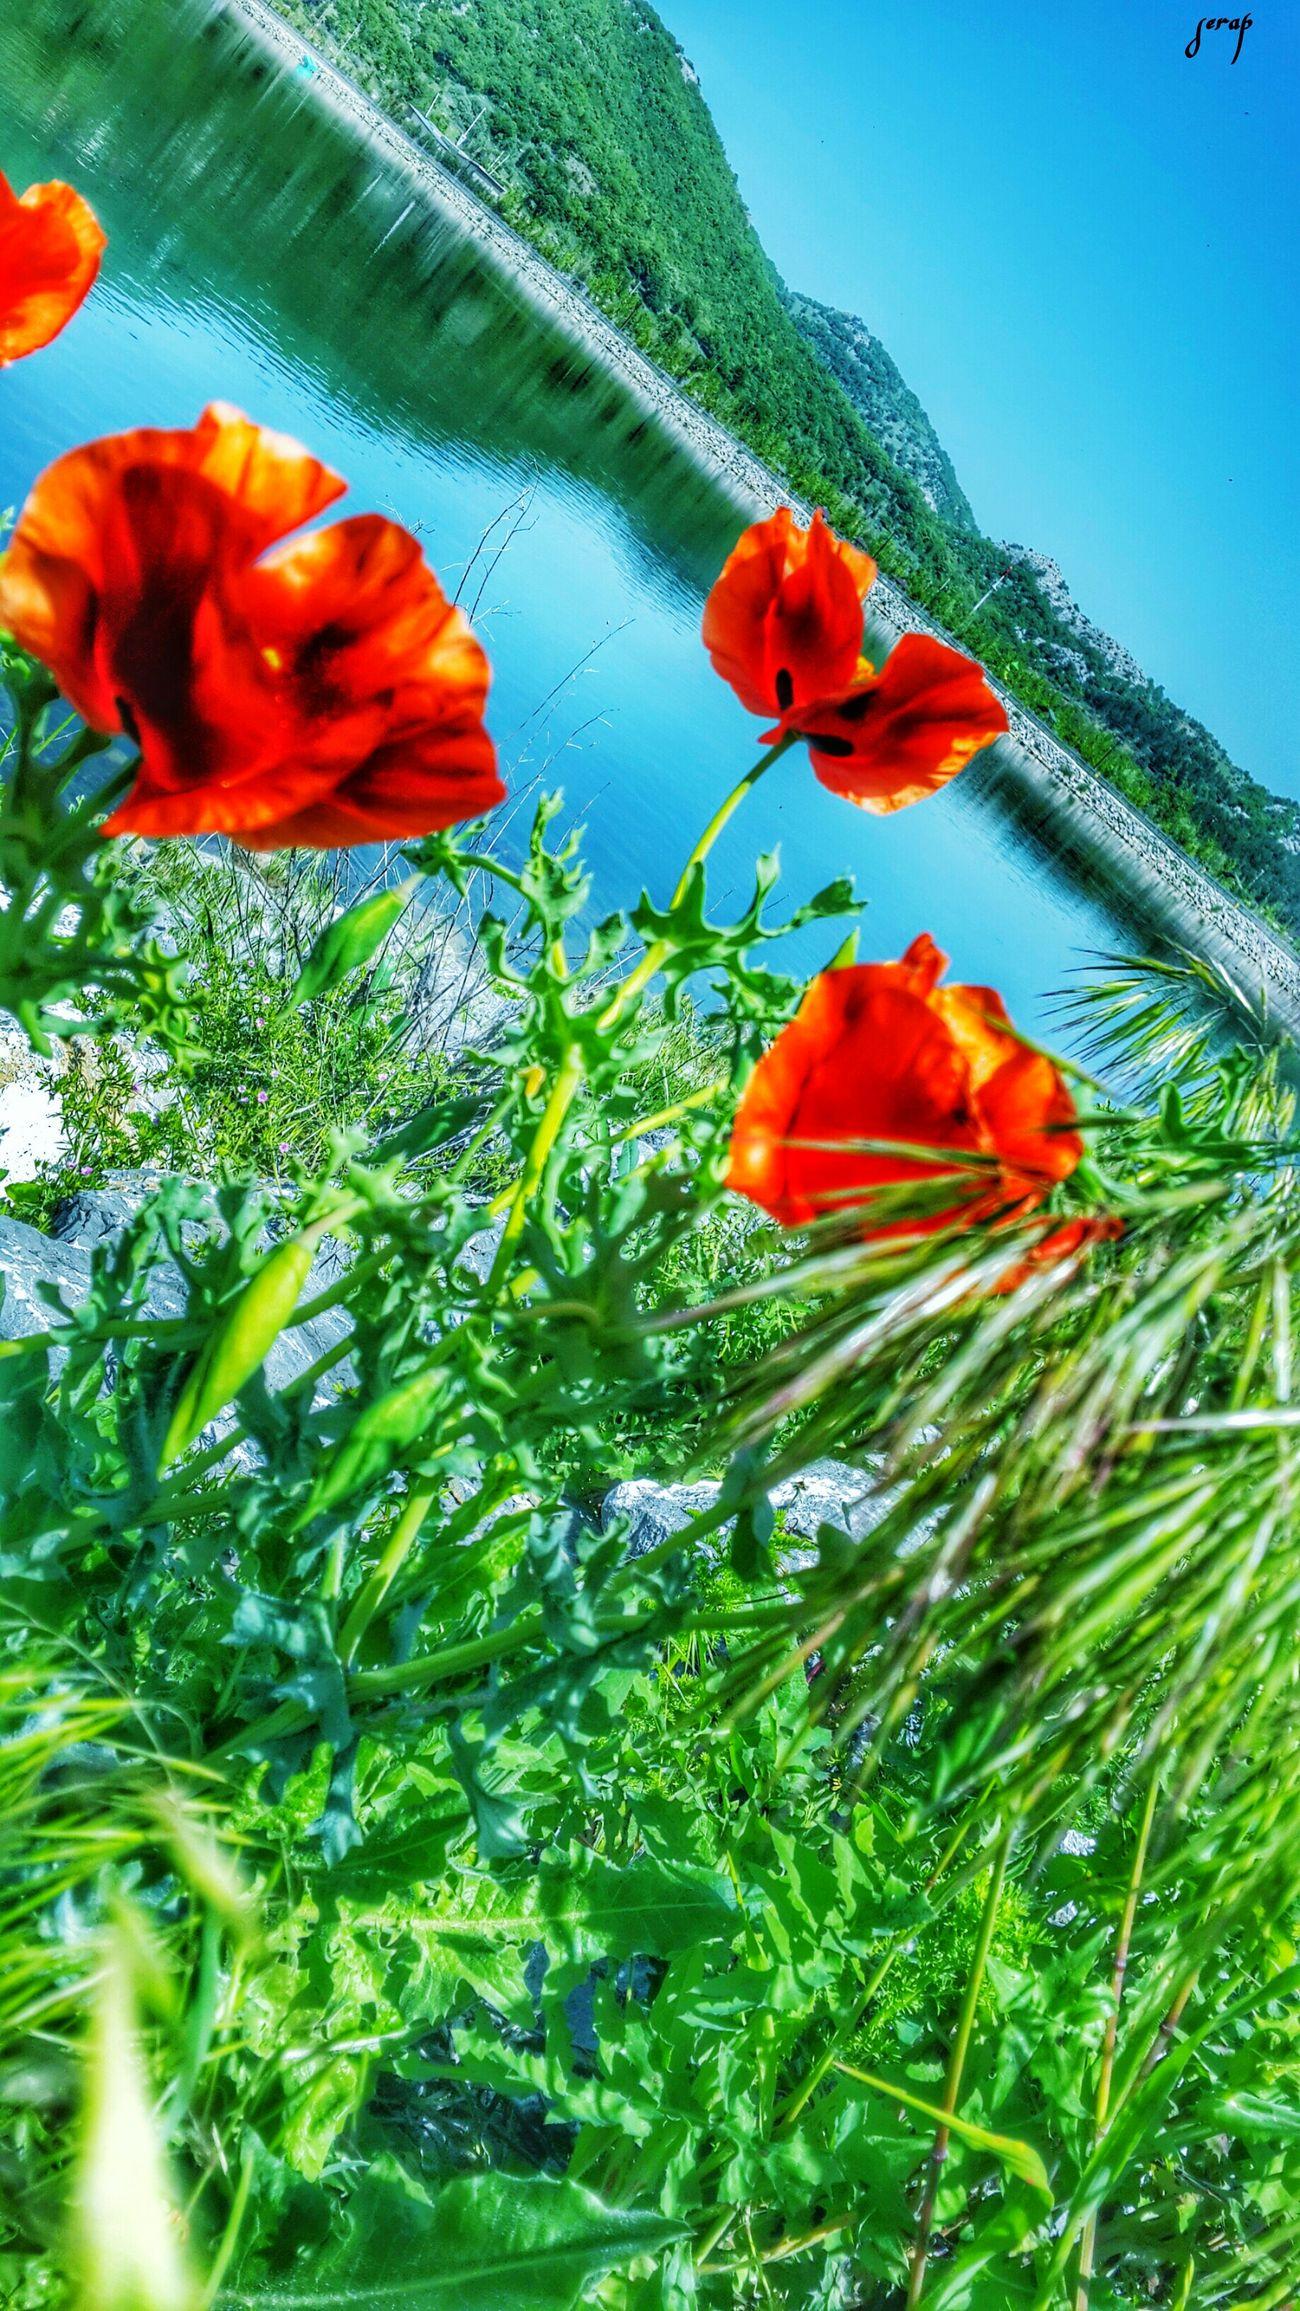 🌷 Flowers 🌹 ı Love Nature!